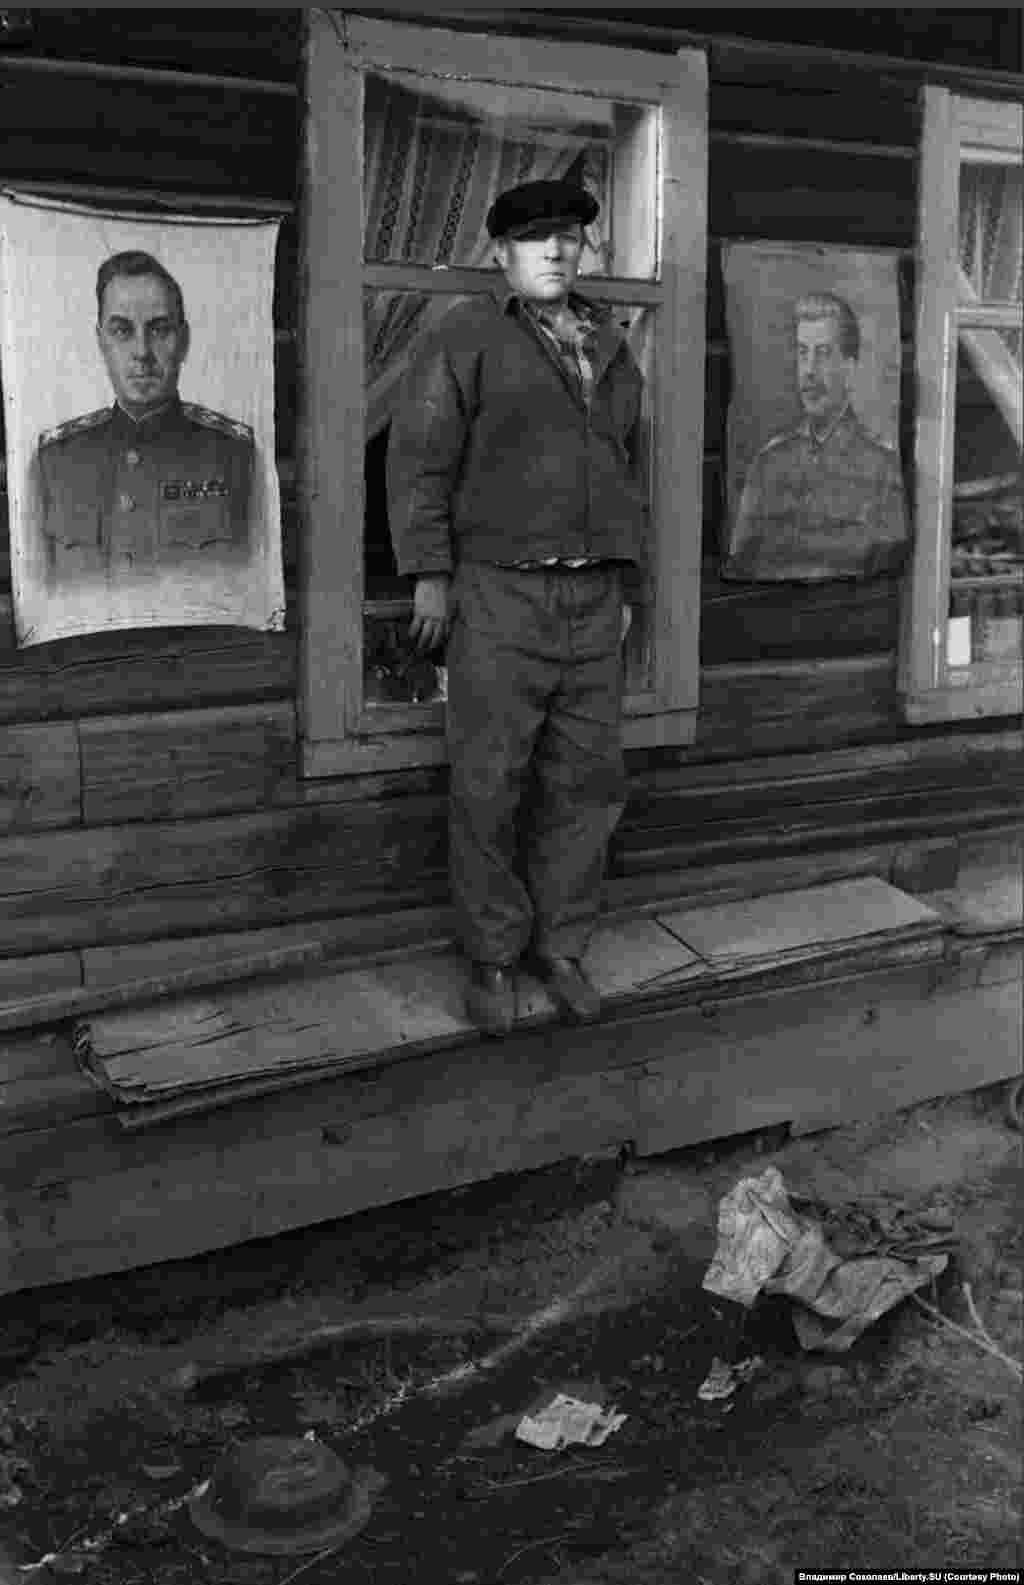 Отказ от ретуши в конечном итоге положил конец существованию группы ТРИВА. В 1982 году партийные чиновники и КГБ заподозрили фотографов в очернении социалистического образа жизни. Часть архивов им пришлось уничтожить.